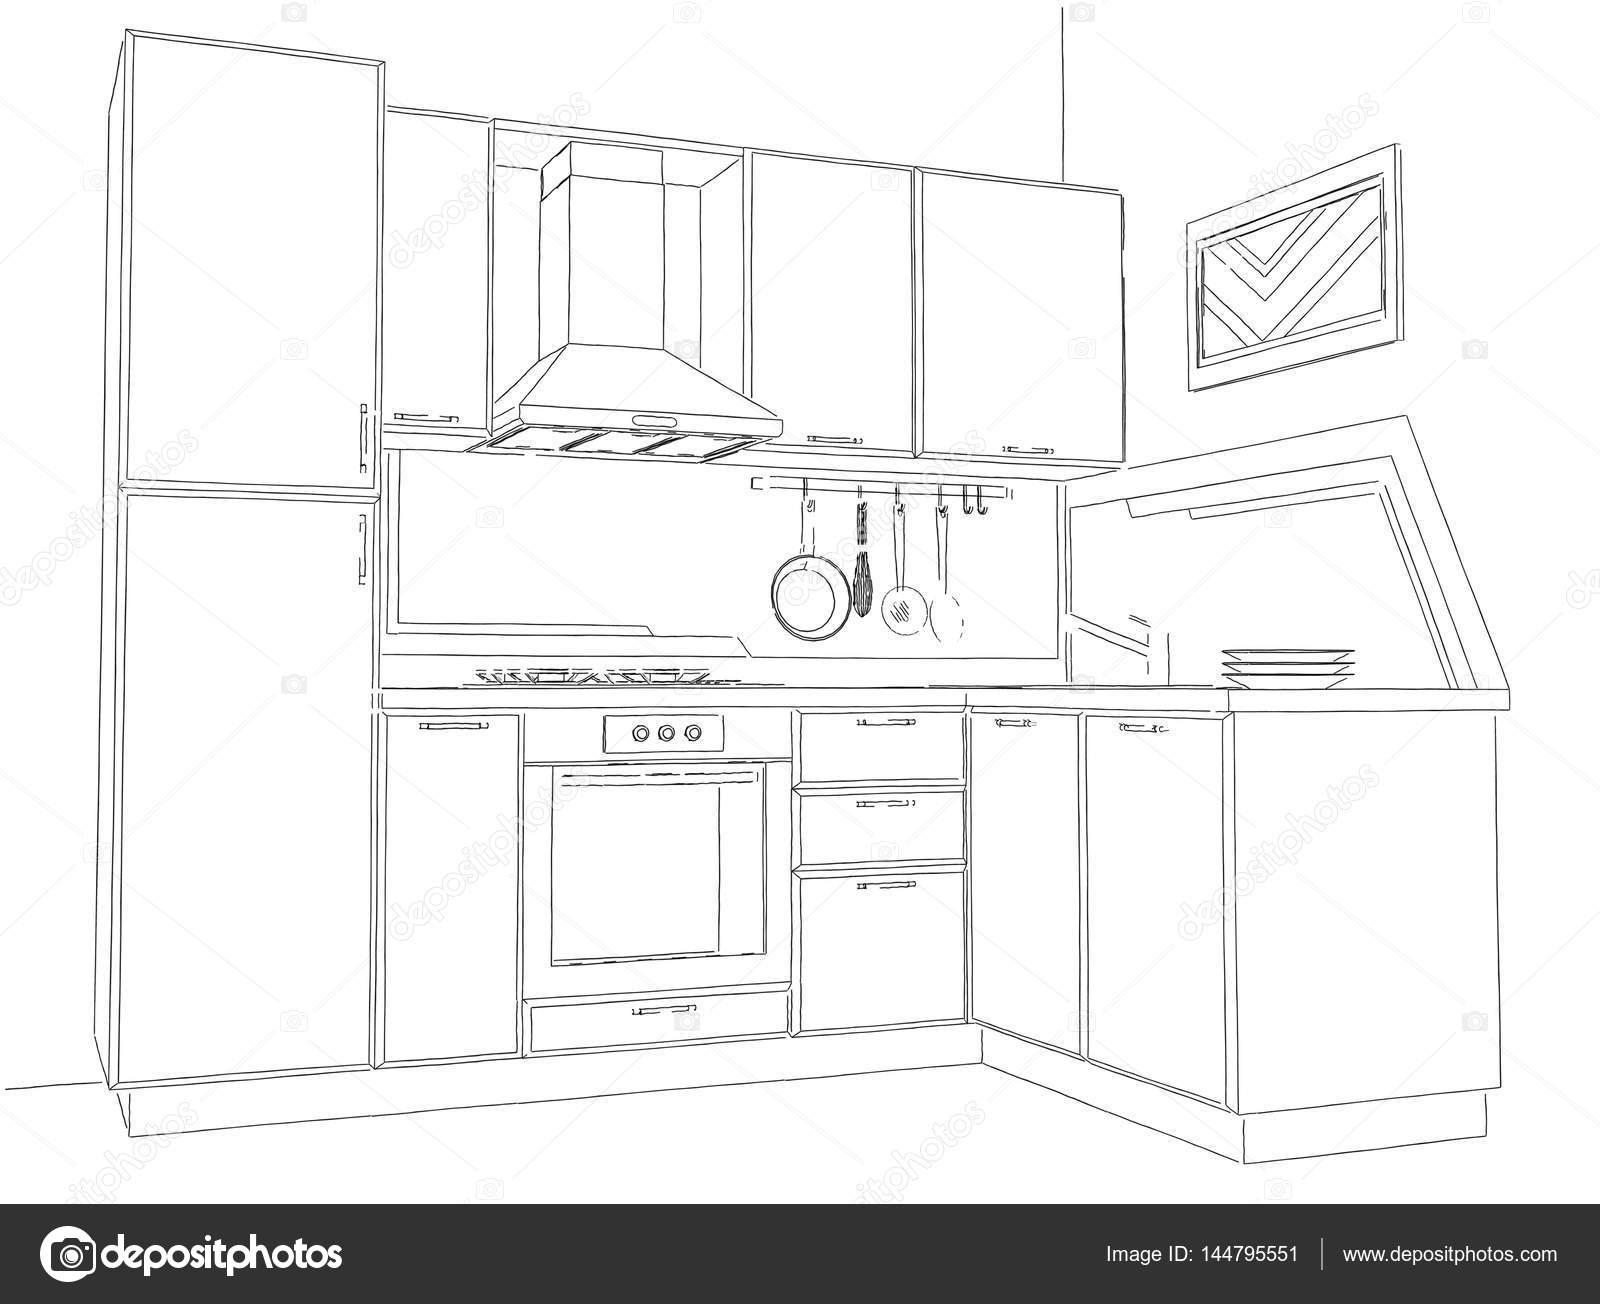 fabulous dessin de coin de cuisine moderne noir et blanc